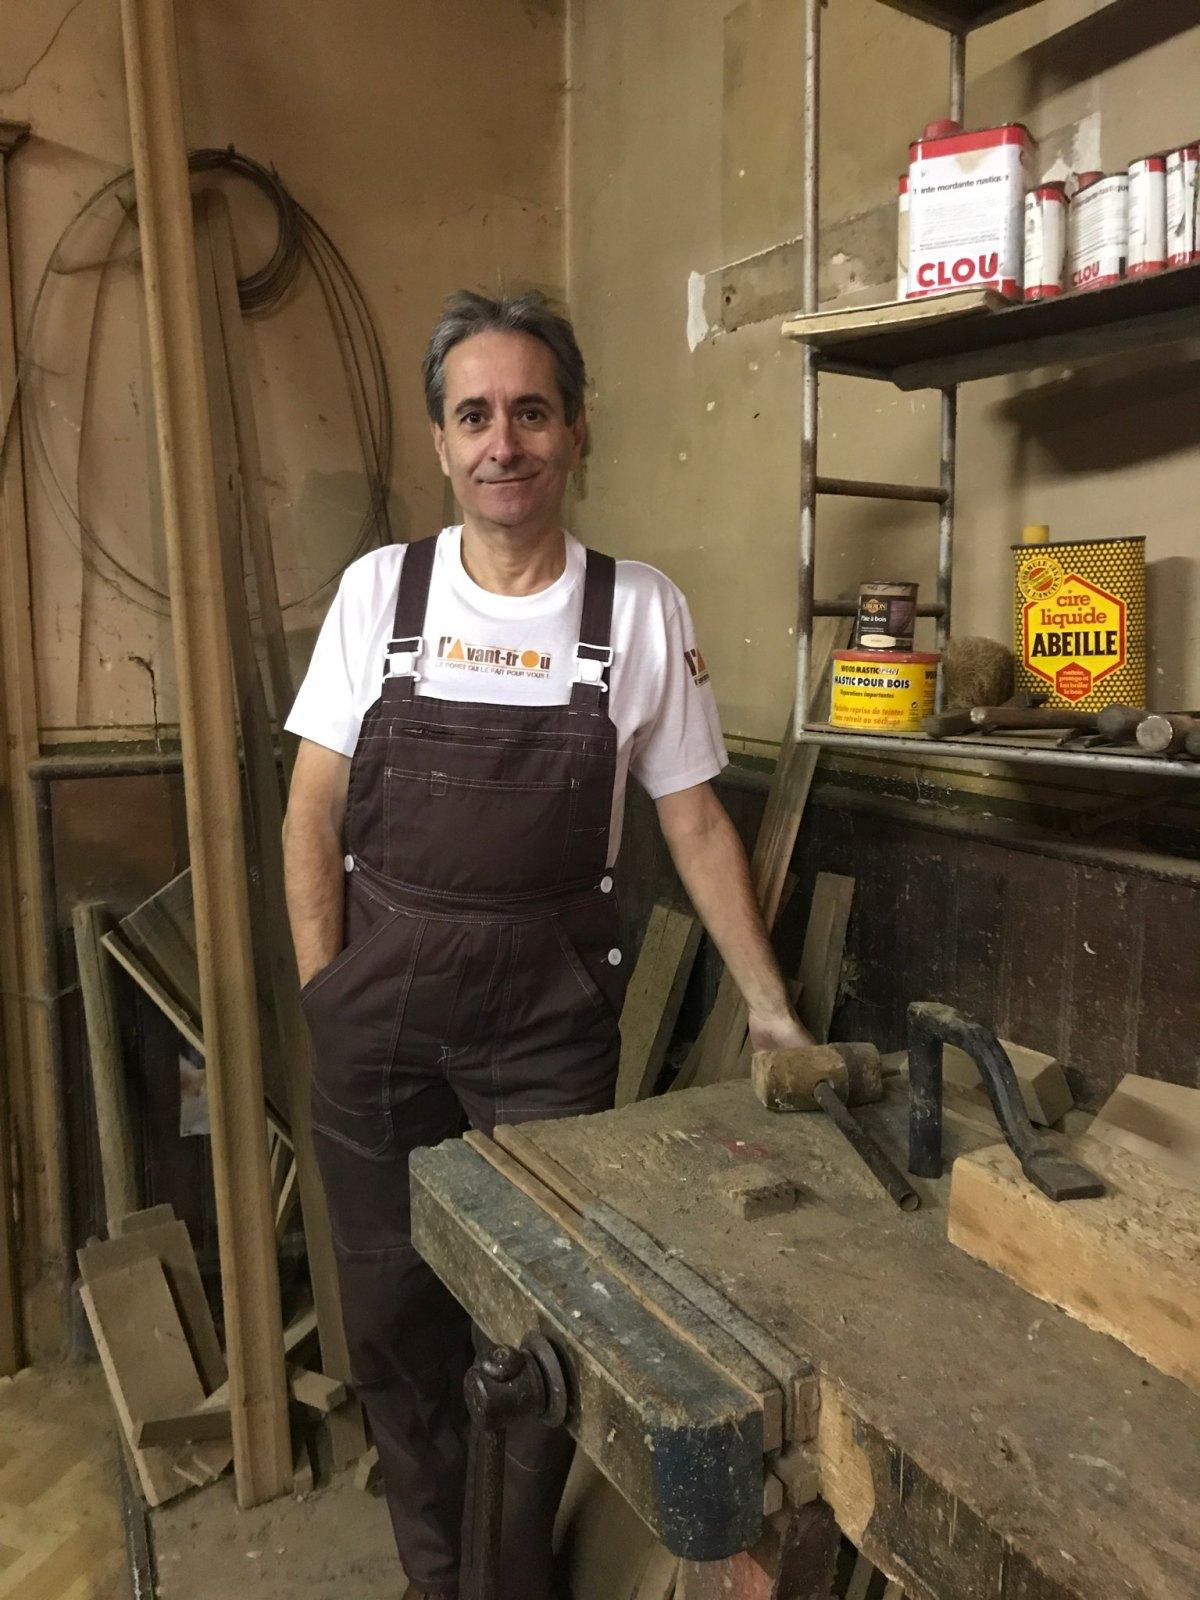 Se tenant debout, devant l'établi de menuisier de son grand-père maternel, Didier Bazard, l'inventeur du foret l'Avant-trou, cet outil de pré-perçage breveté et innovant.